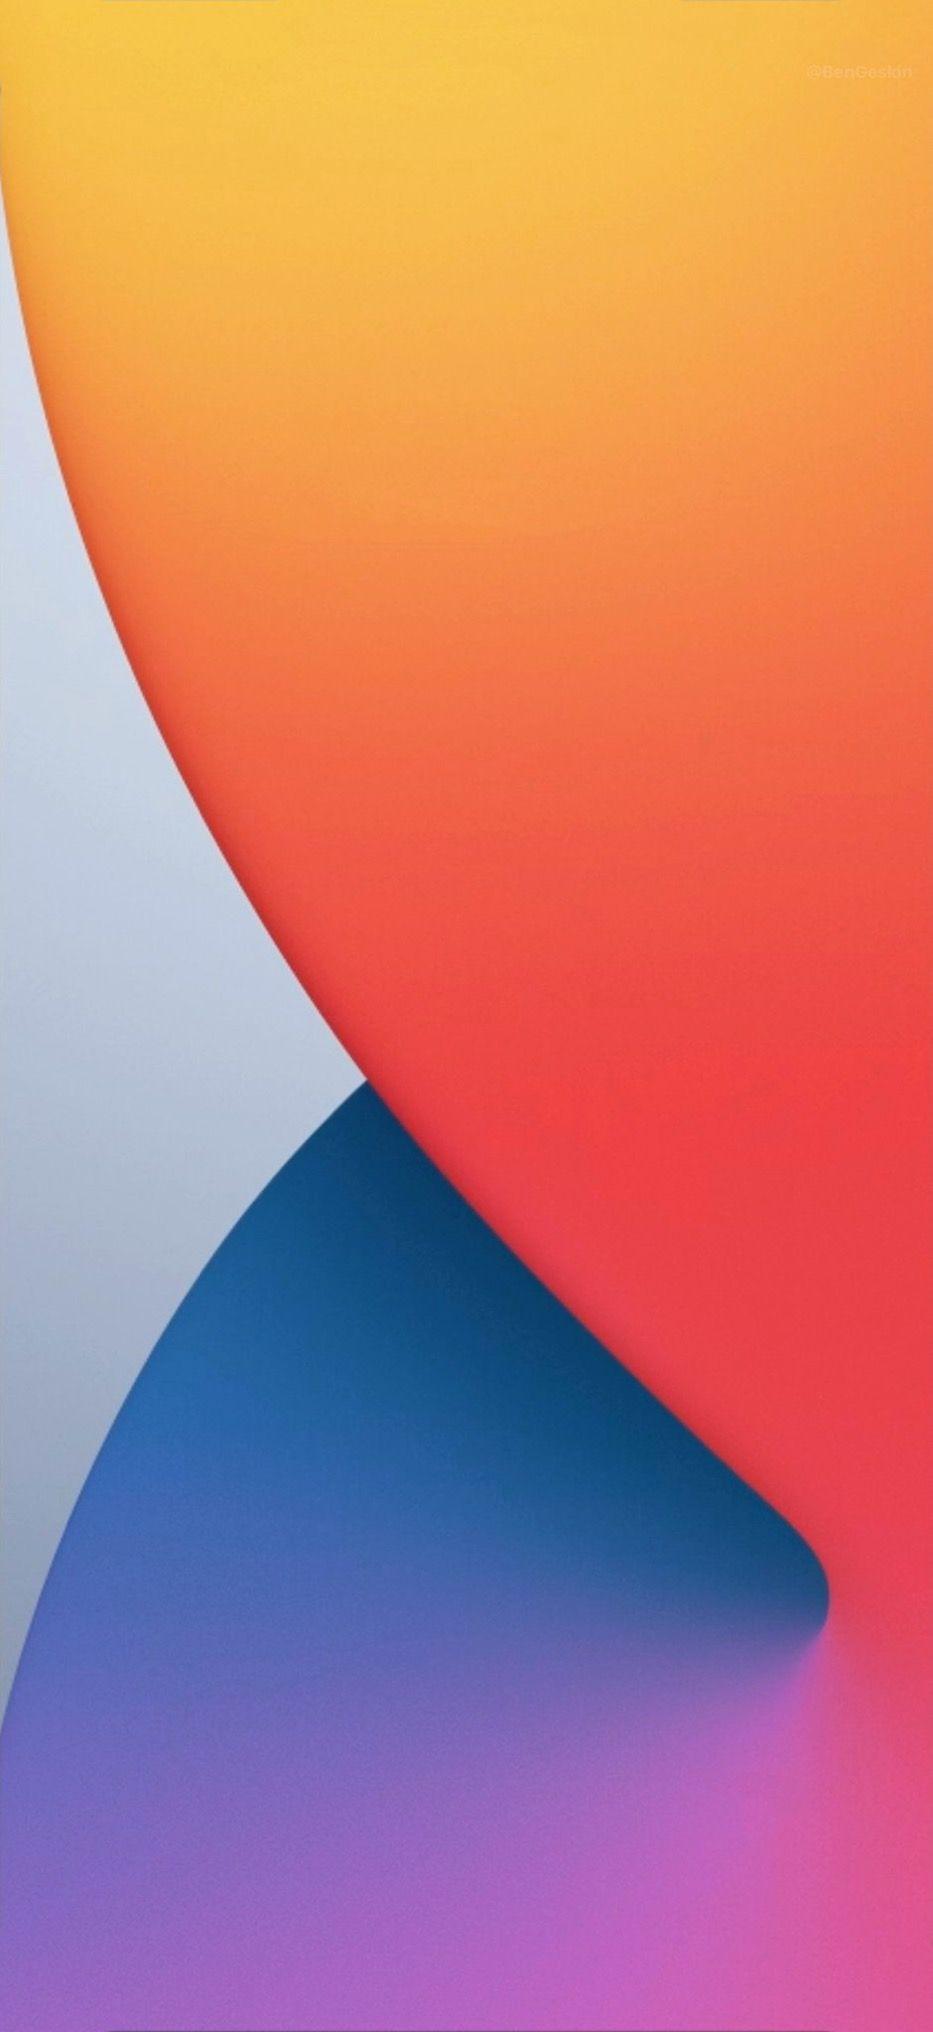 Ios14 Wallpaper Original Iphone Wallpaper Iphone Wallpaper Images Iphone Wallpaper Ios